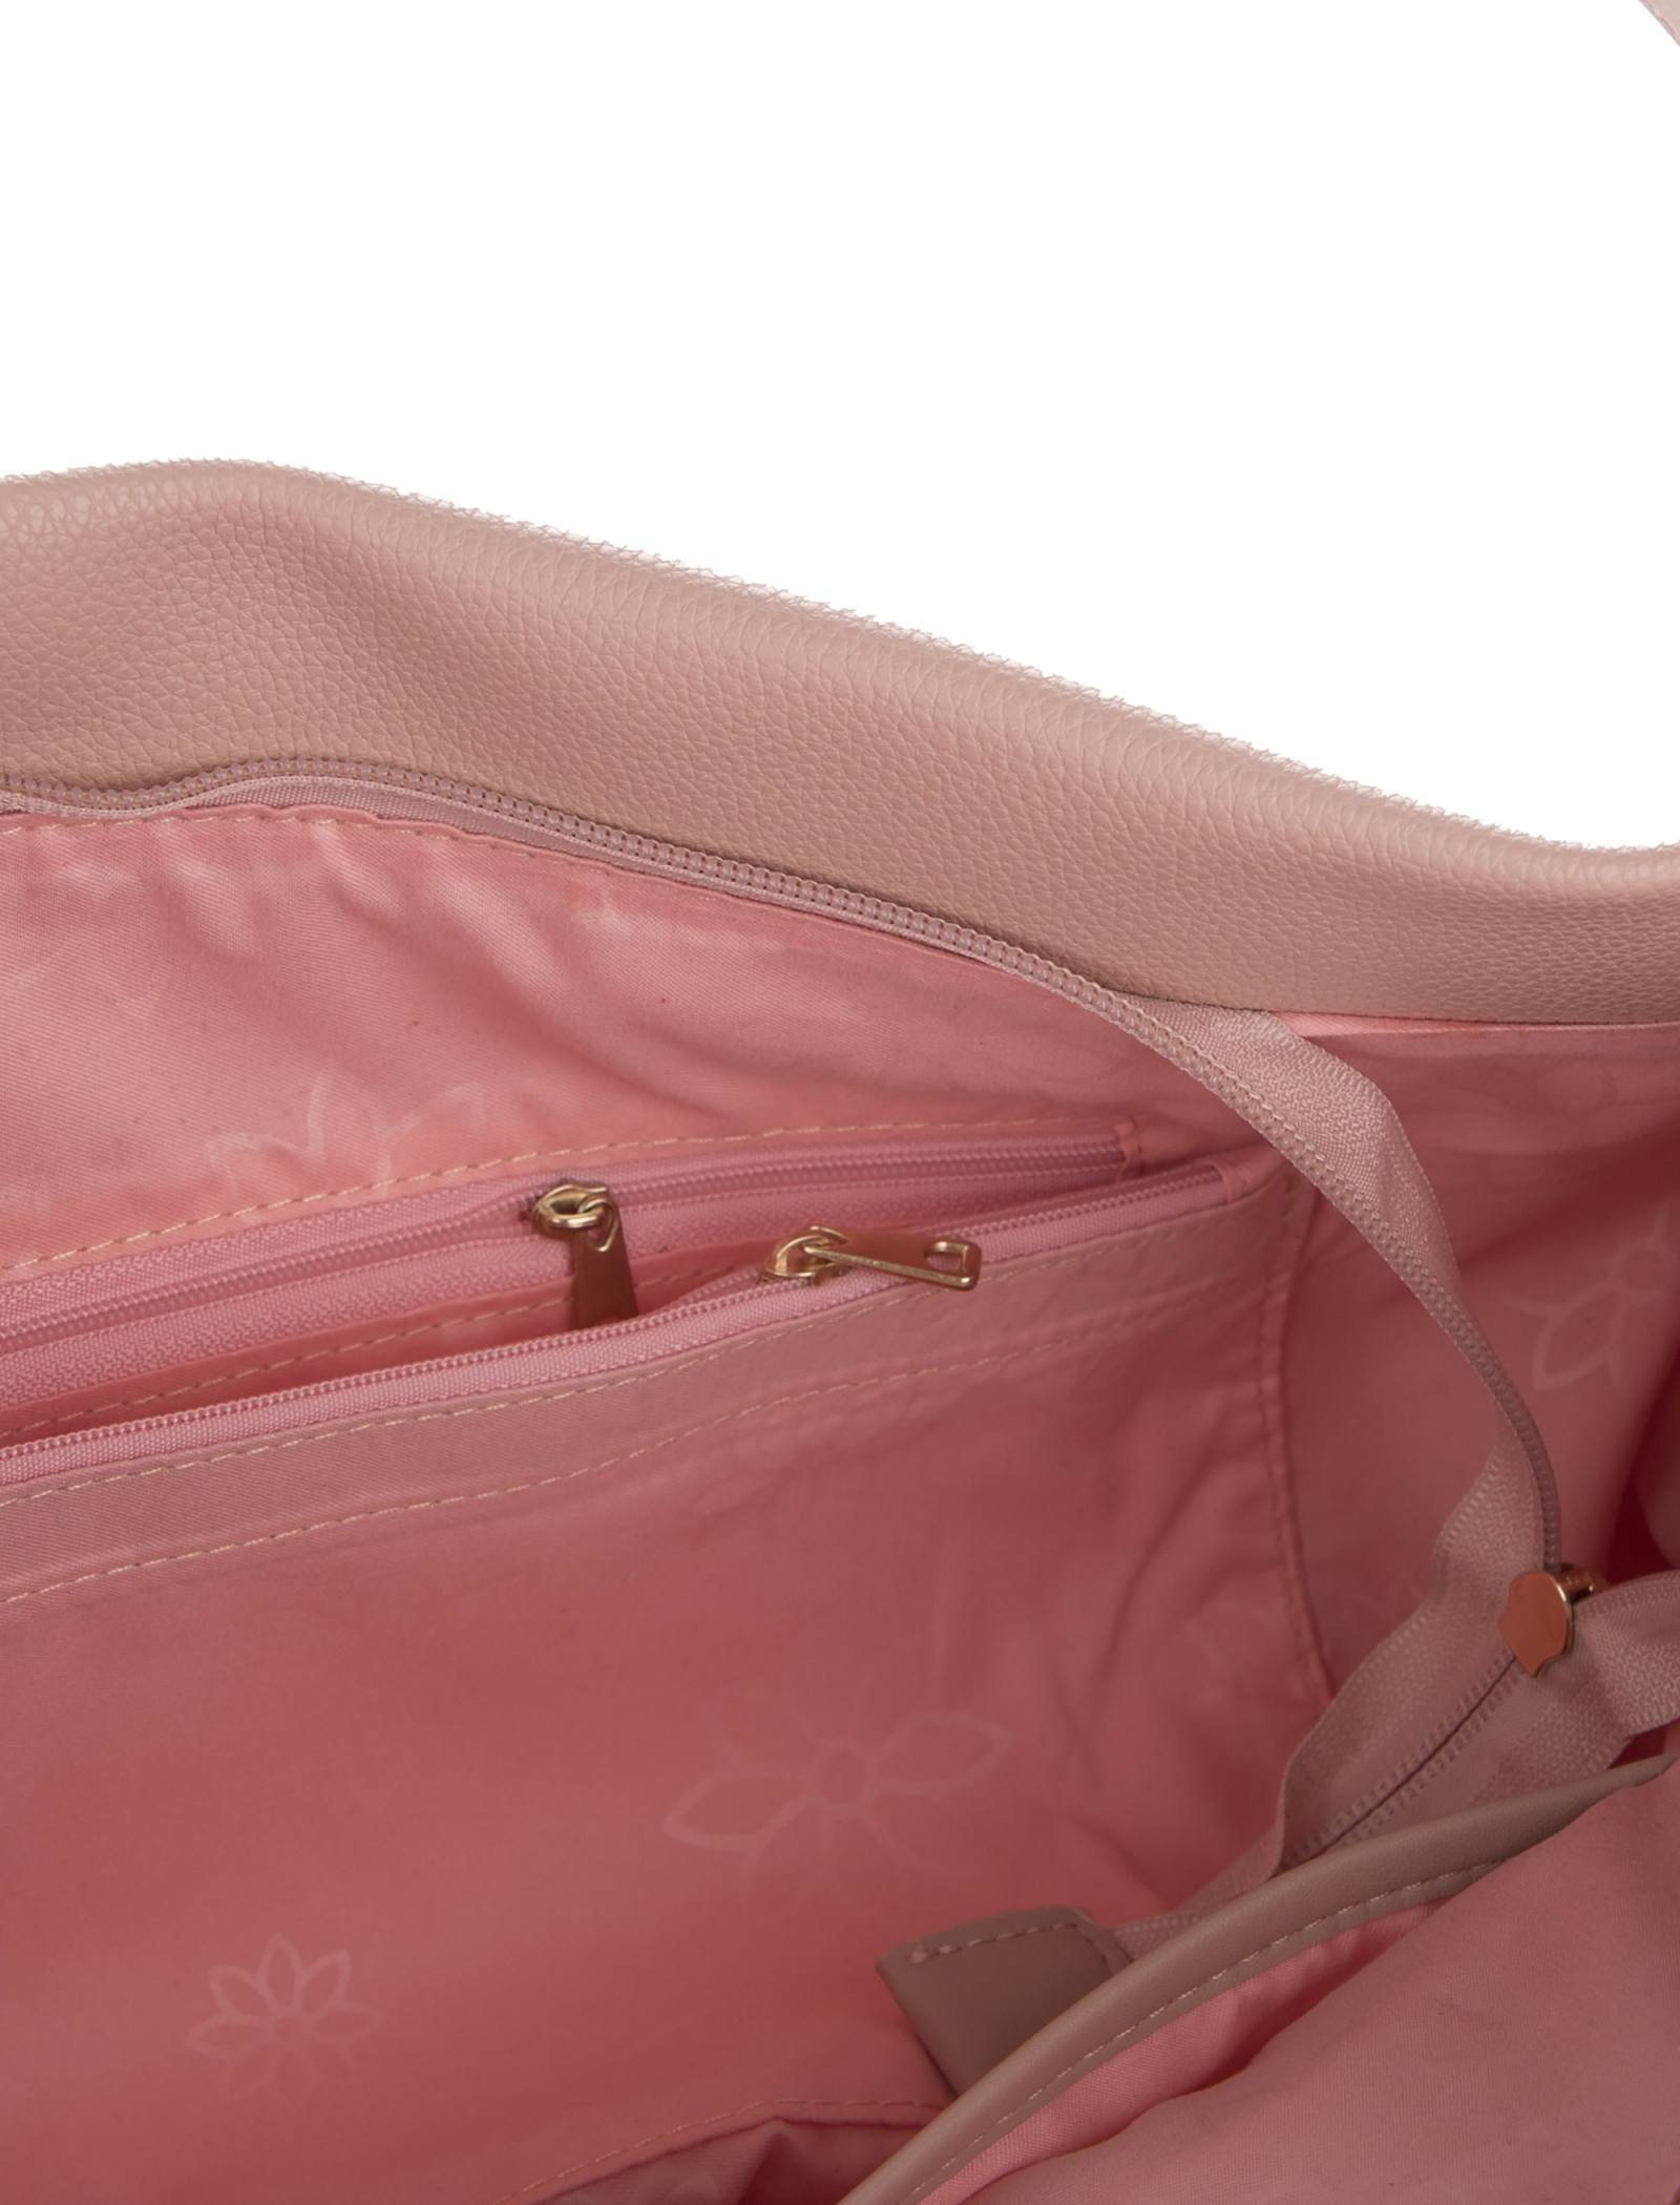 کیف دوشی روزمره زنانه - دادلین تک سایز - صورتي - 7